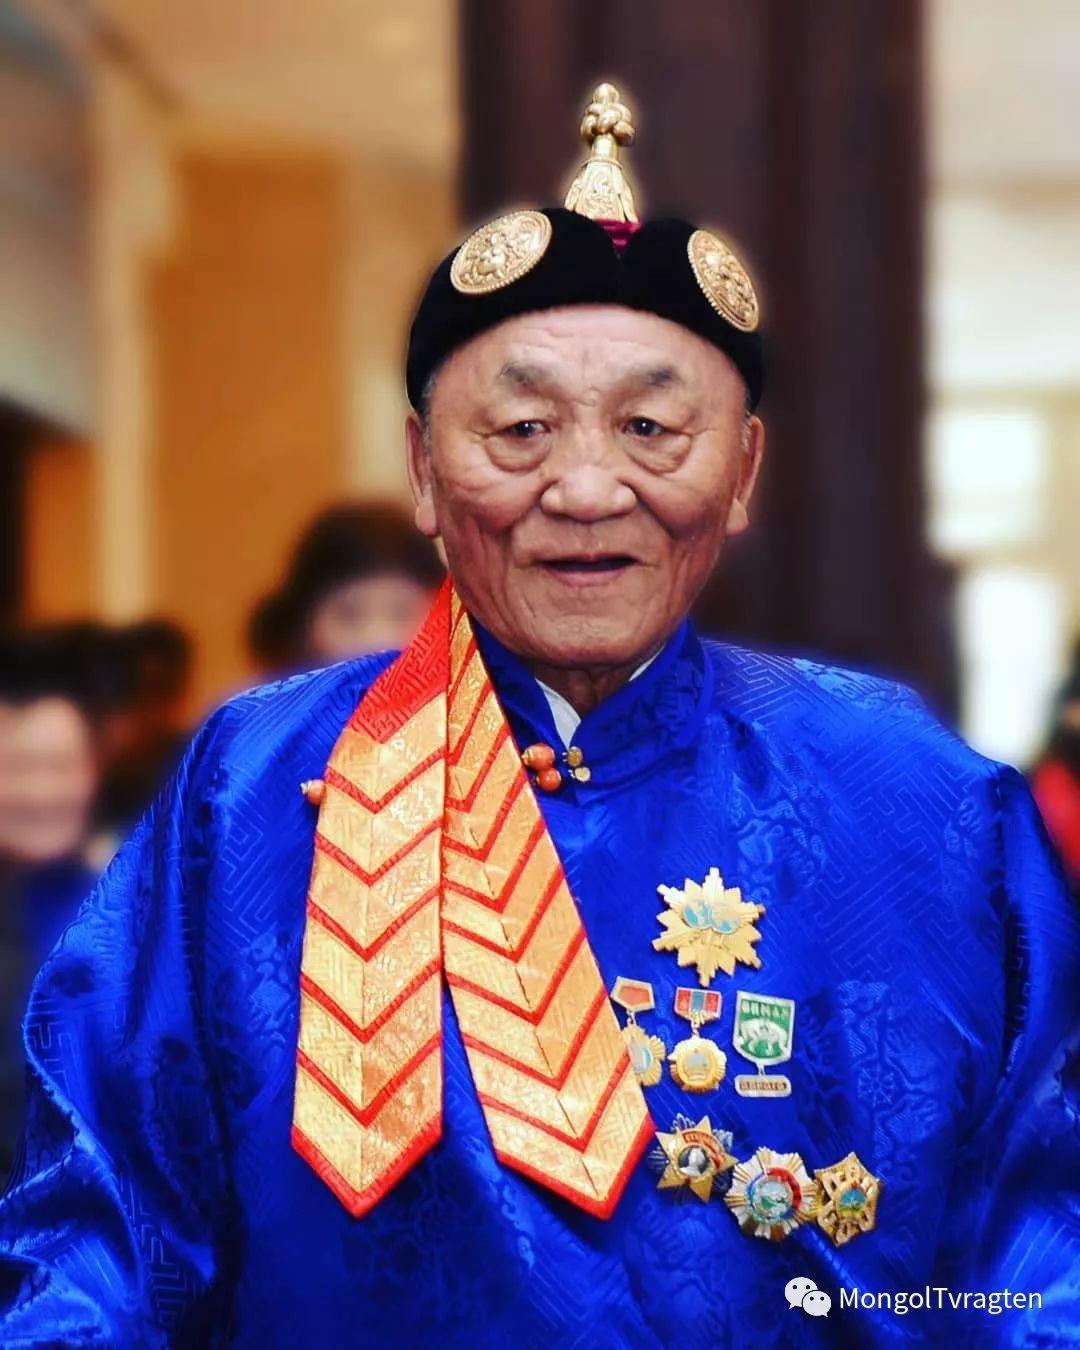 蒙古影像-ch ganbat 第14张